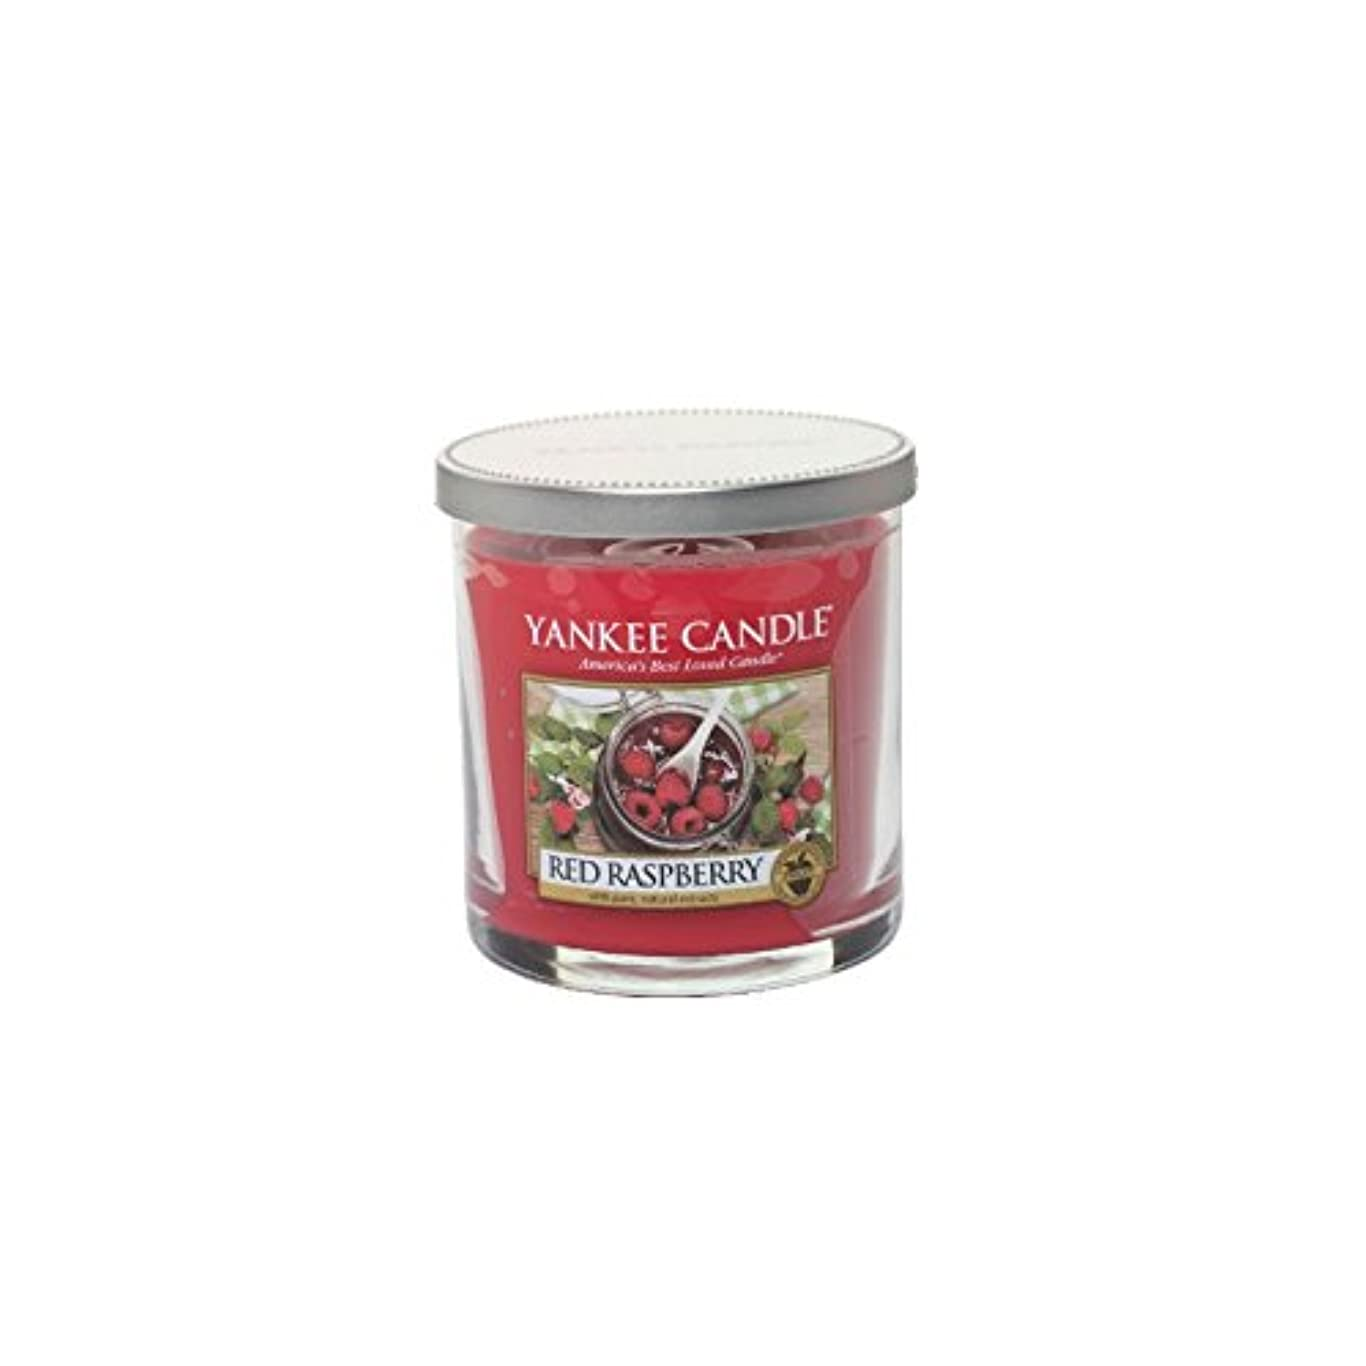 嵐嫌いそれぞれYankee Candles Small Pillar Candle - Red Raspberry (Pack of 6) - ヤンキーキャンドルの小さな柱キャンドル - レッドラズベリー (x6) [並行輸入品]